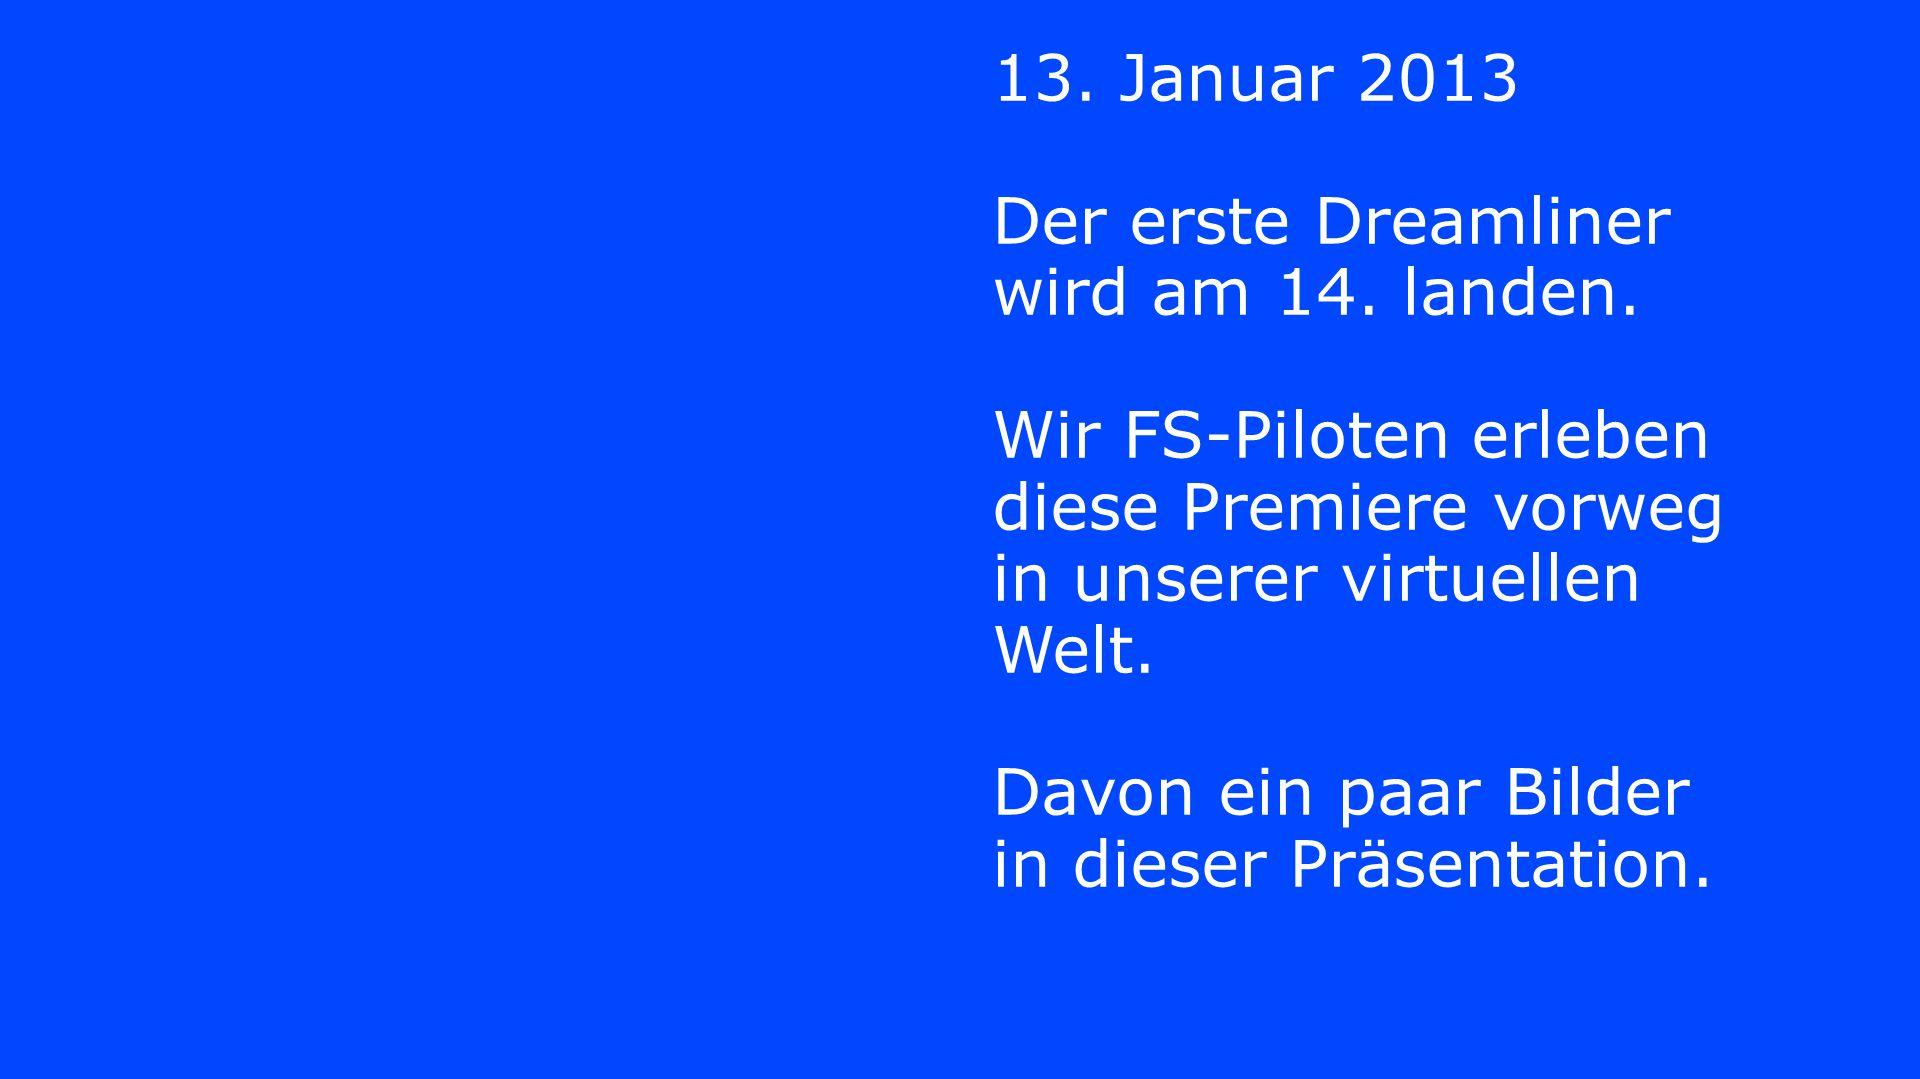 13. Januar 2013 Der erste Dreamliner wird am 14. landen. Wir FS-Piloten erleben diese Premiere vorweg in unserer virtuellen Welt. Davon ein paar Bilde